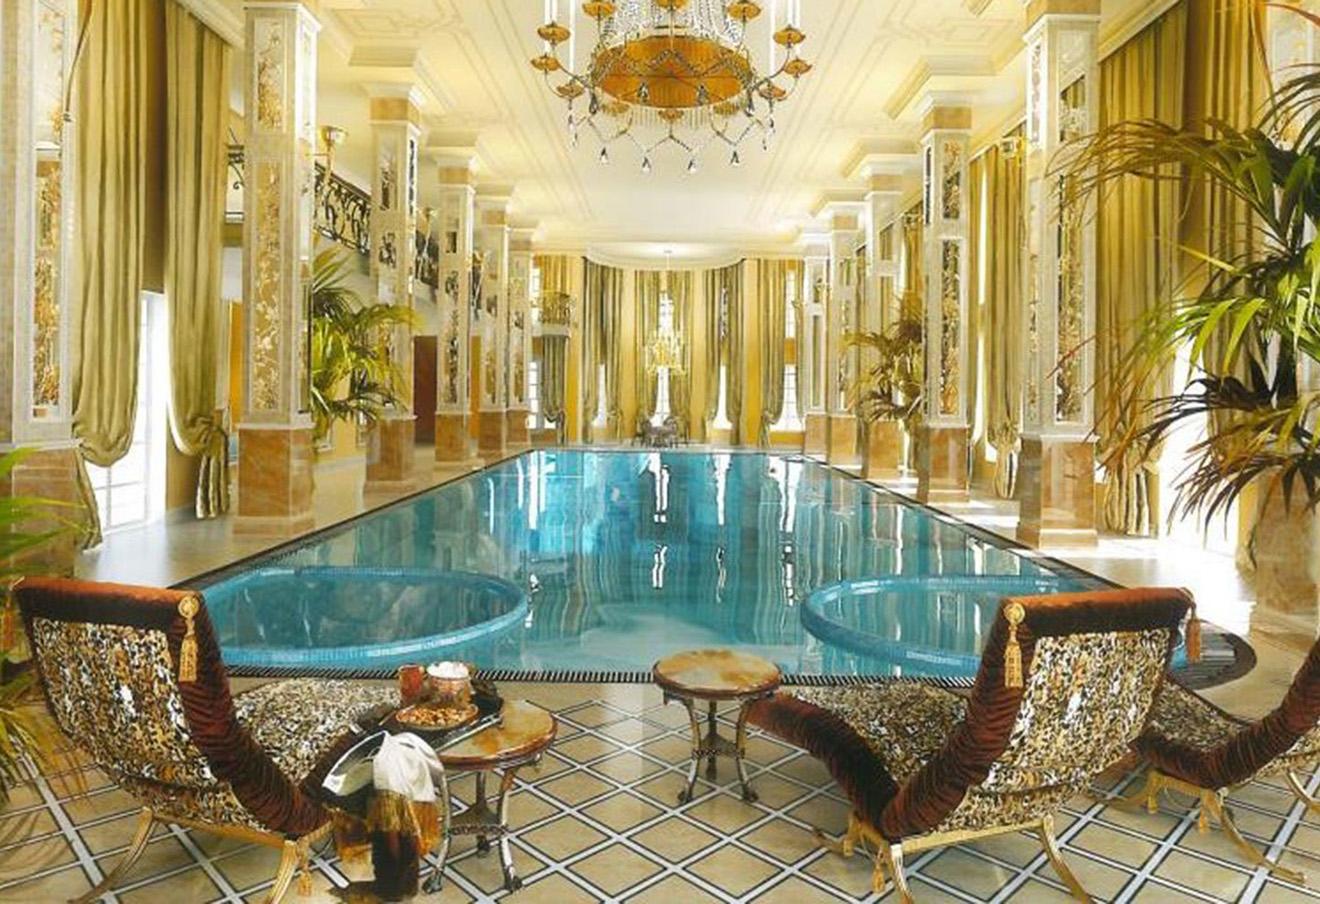 Бассейн расположен на первом этаже, его дополняют хамам и массажная комната. Фото: moskvadeluxe.ru